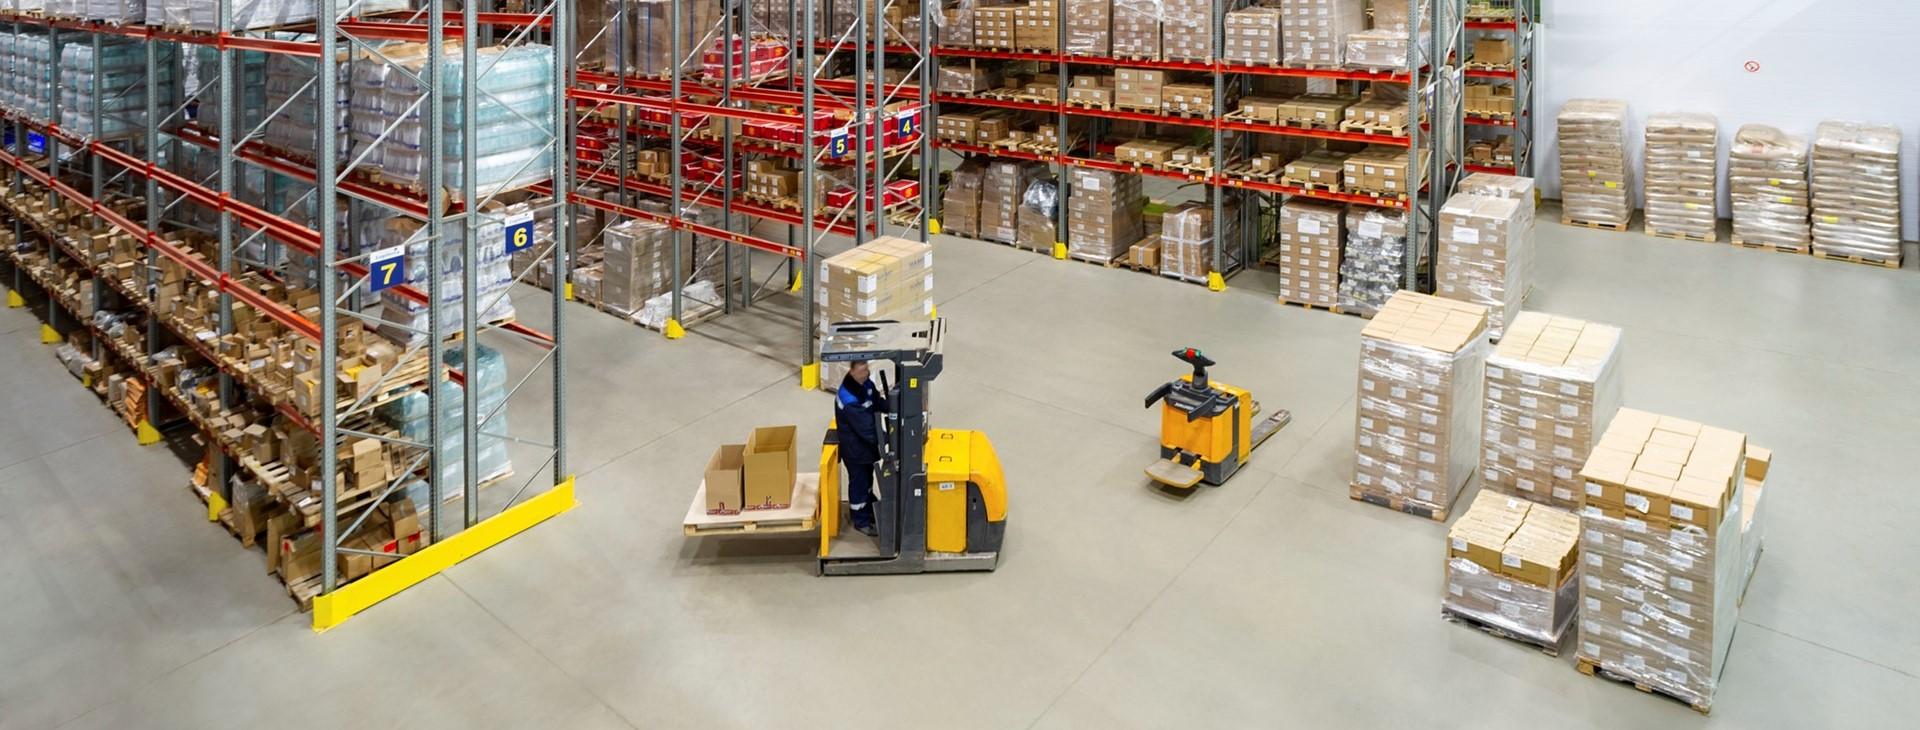 Решение в коробке: на рынке складского оборудования ожидают значительный рост